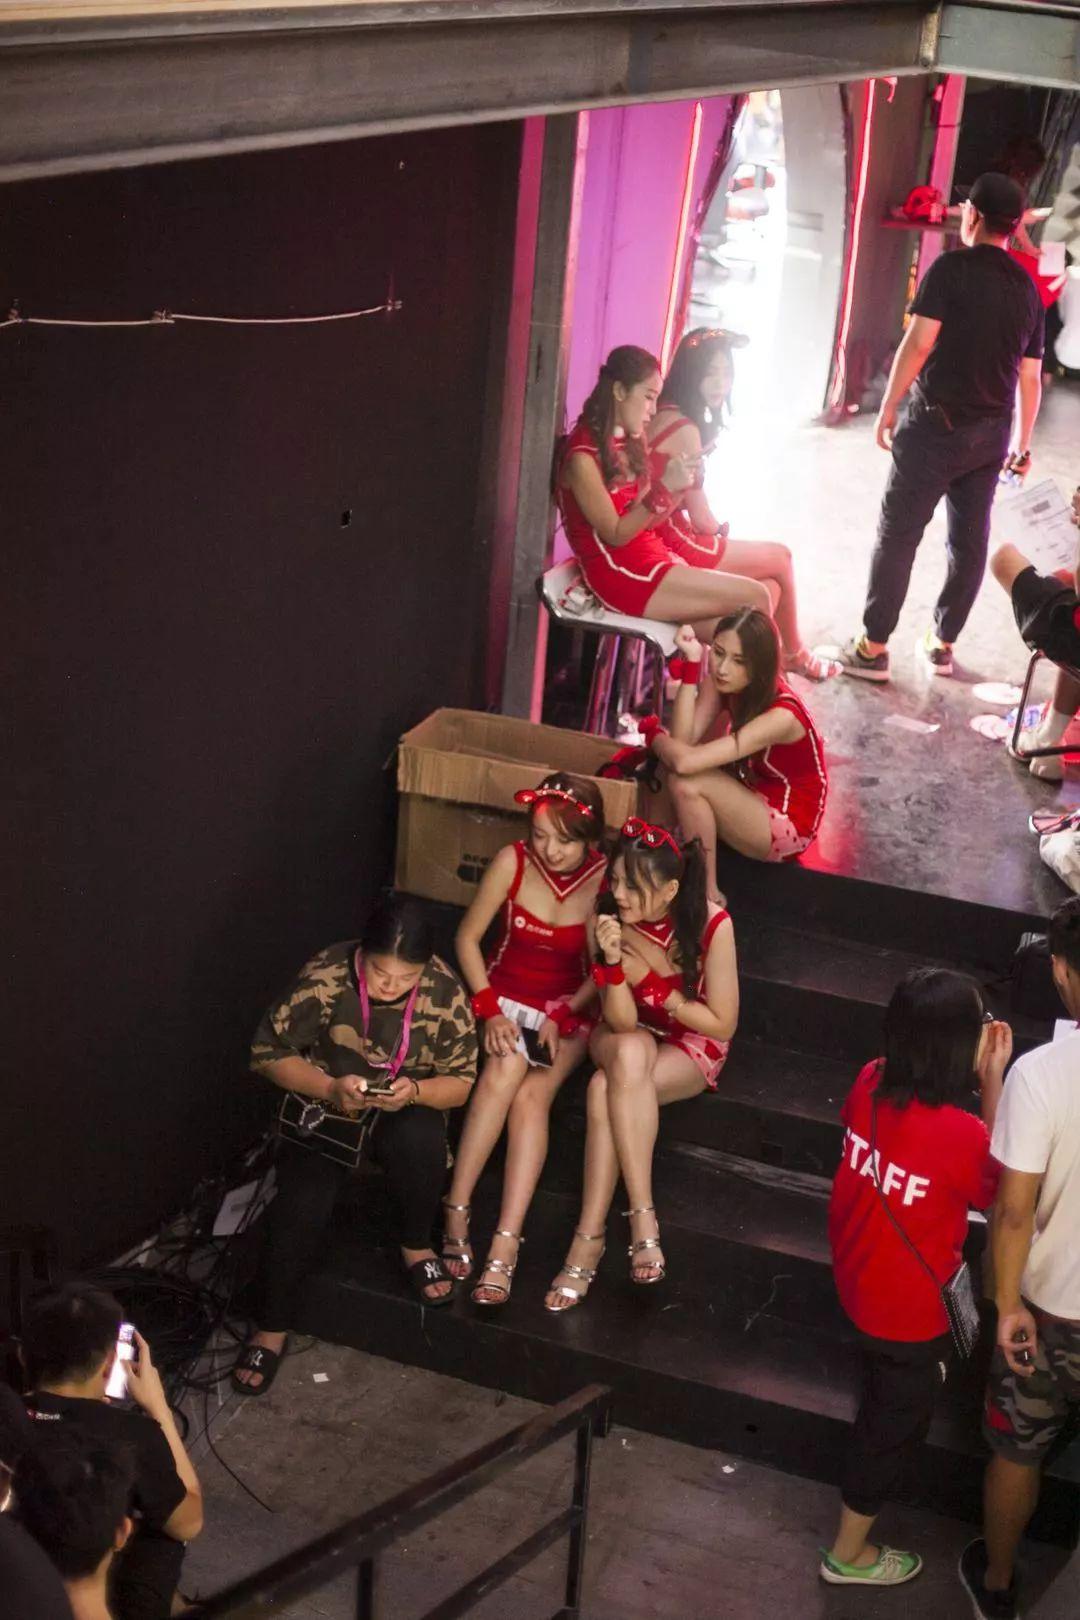 我们跟拍了ShowGirl三天,也记录下宅男的猥琐